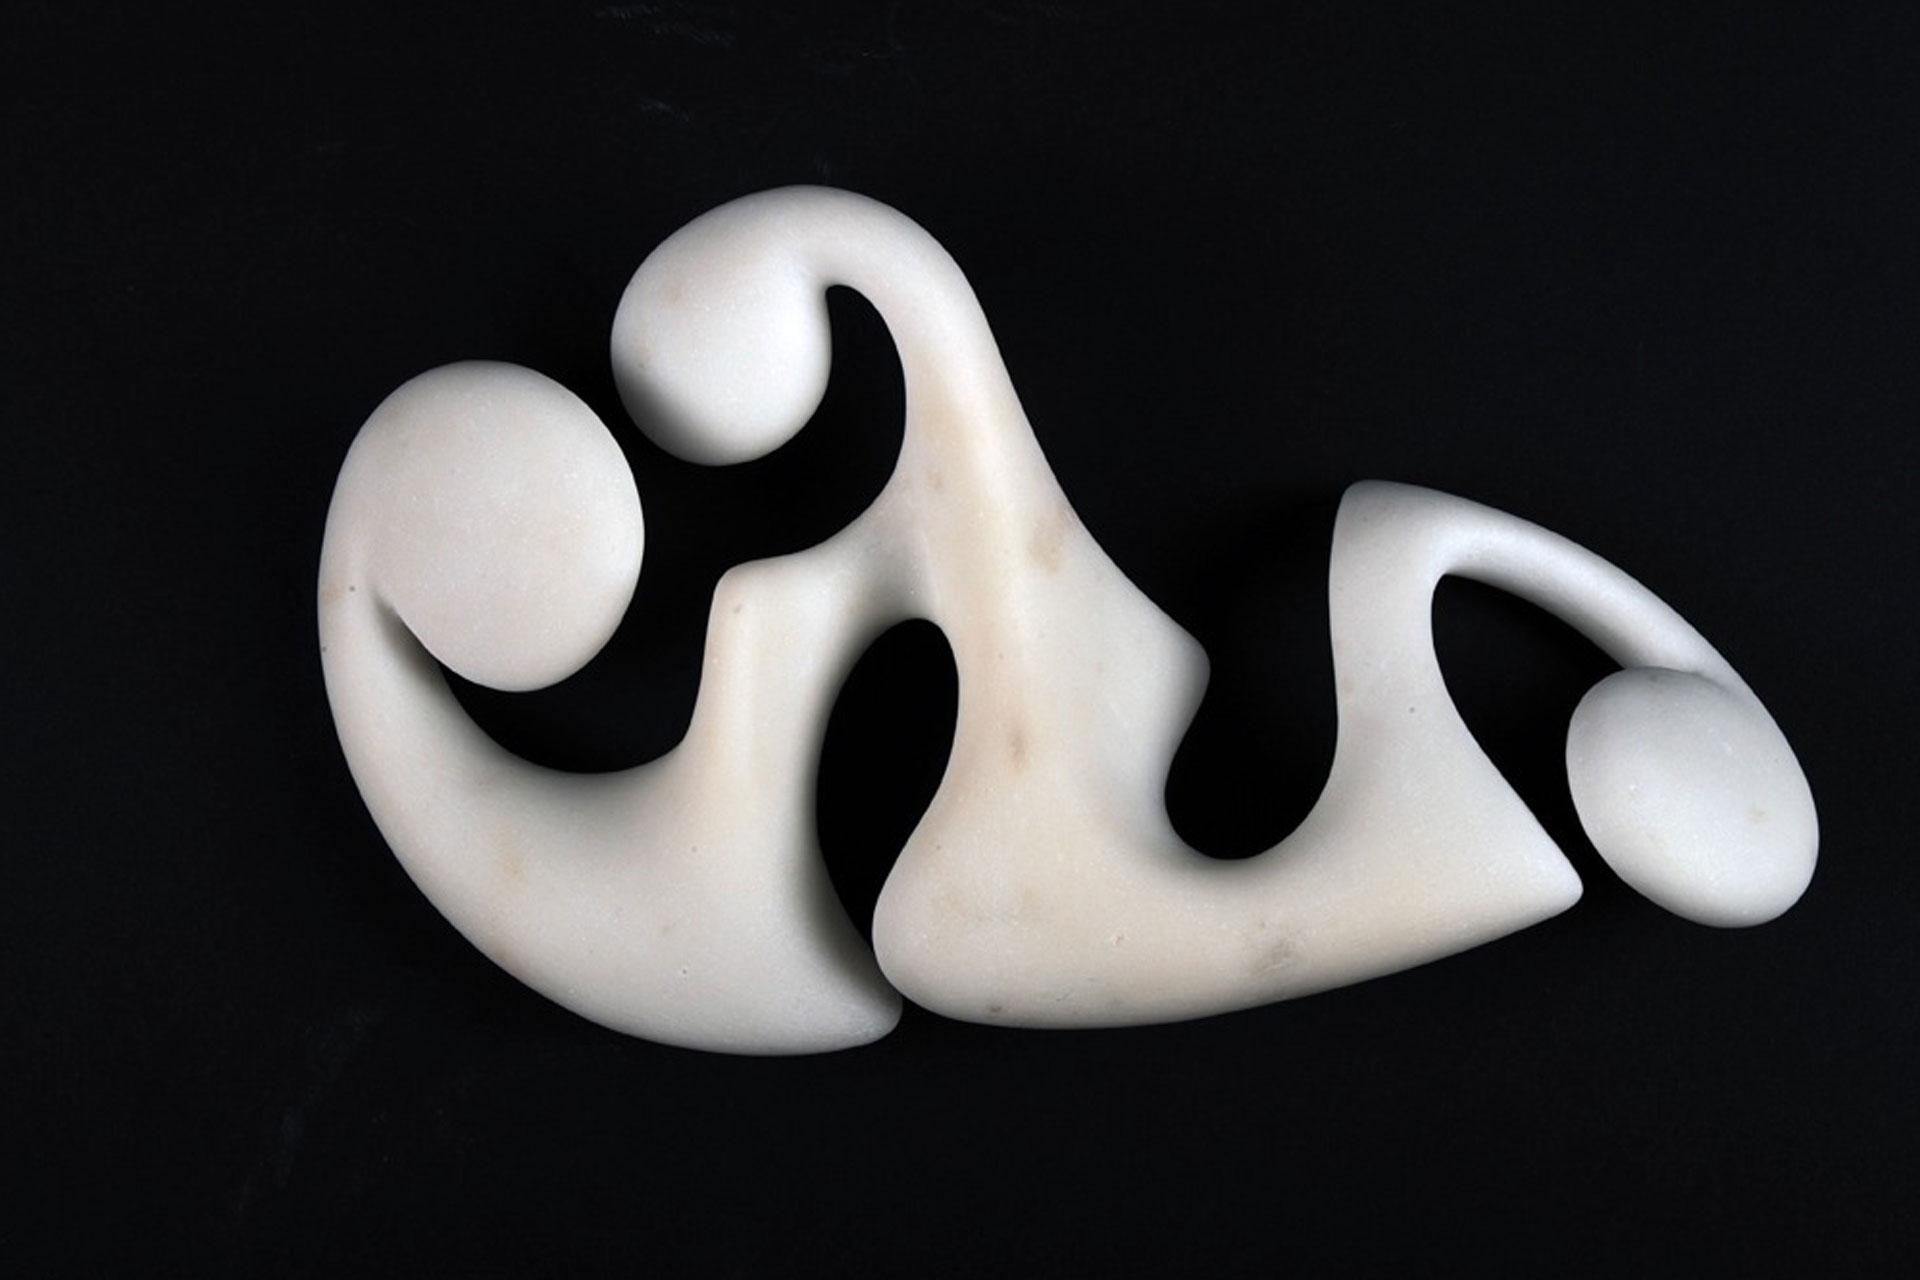 Disgiunto disteso I, 2008 - Marmo bianco statuario, cm 28x18x8